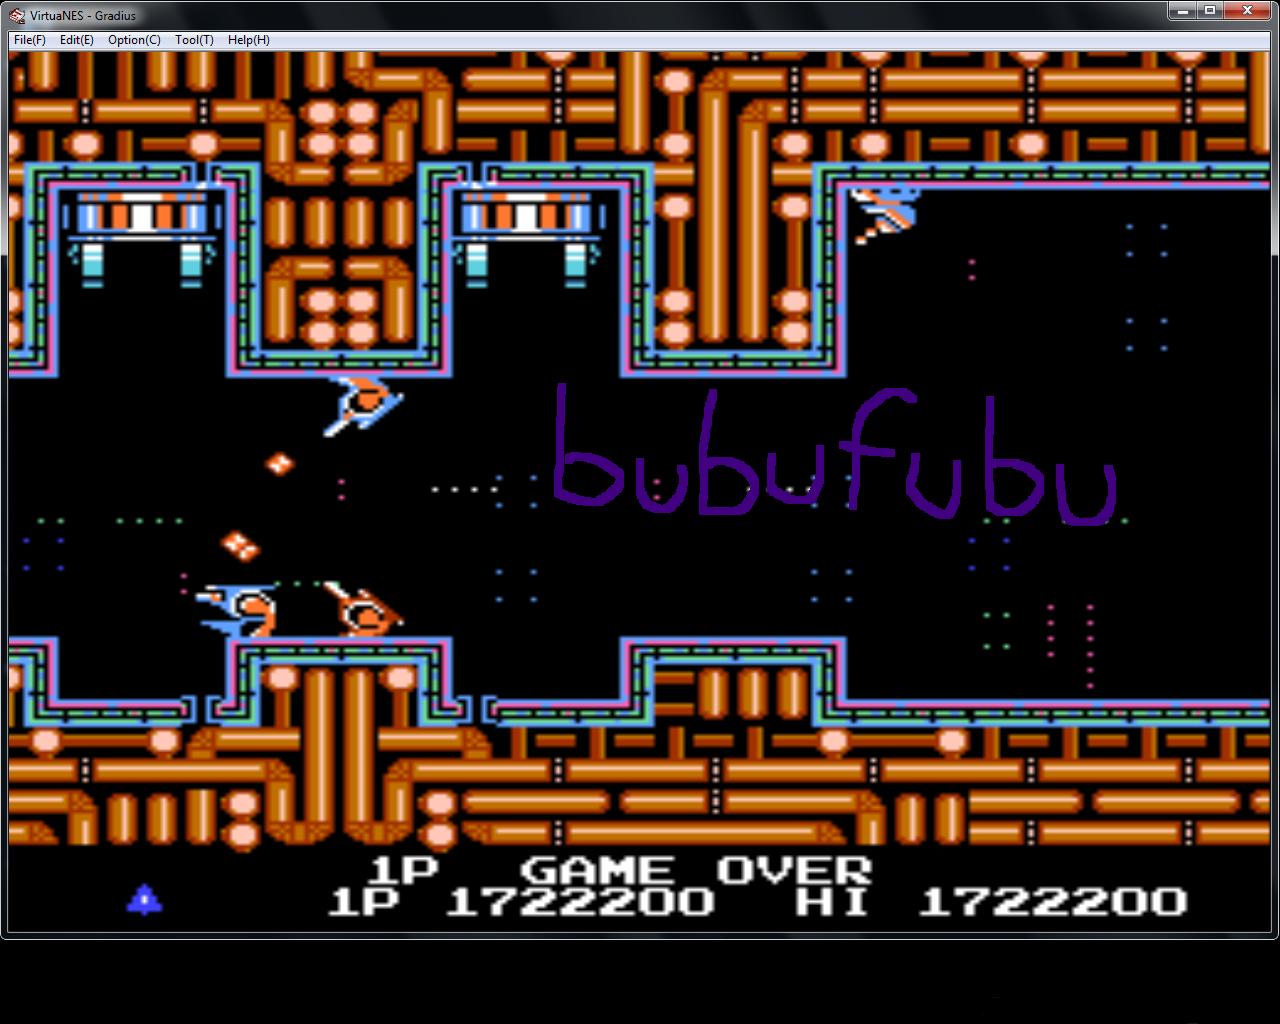 bubufubu: Gradius (NES/Famicom Emulated) 1,722,200 points on 2015-01-26 17:03:54